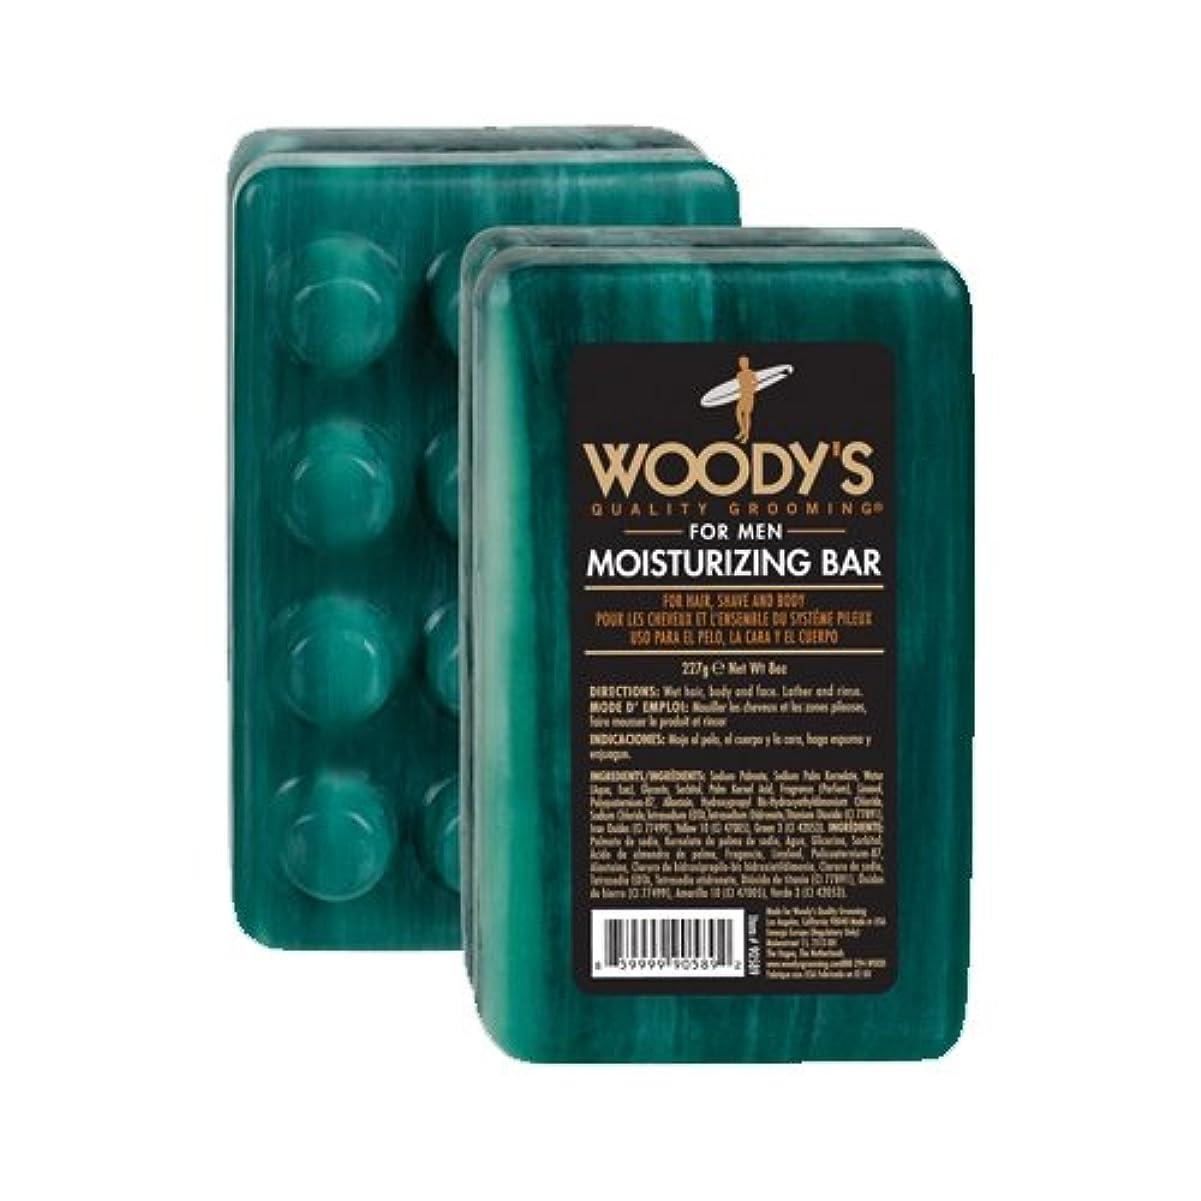 困惑エスカレート文庫本Woody's Moisturizing Bar 8oz